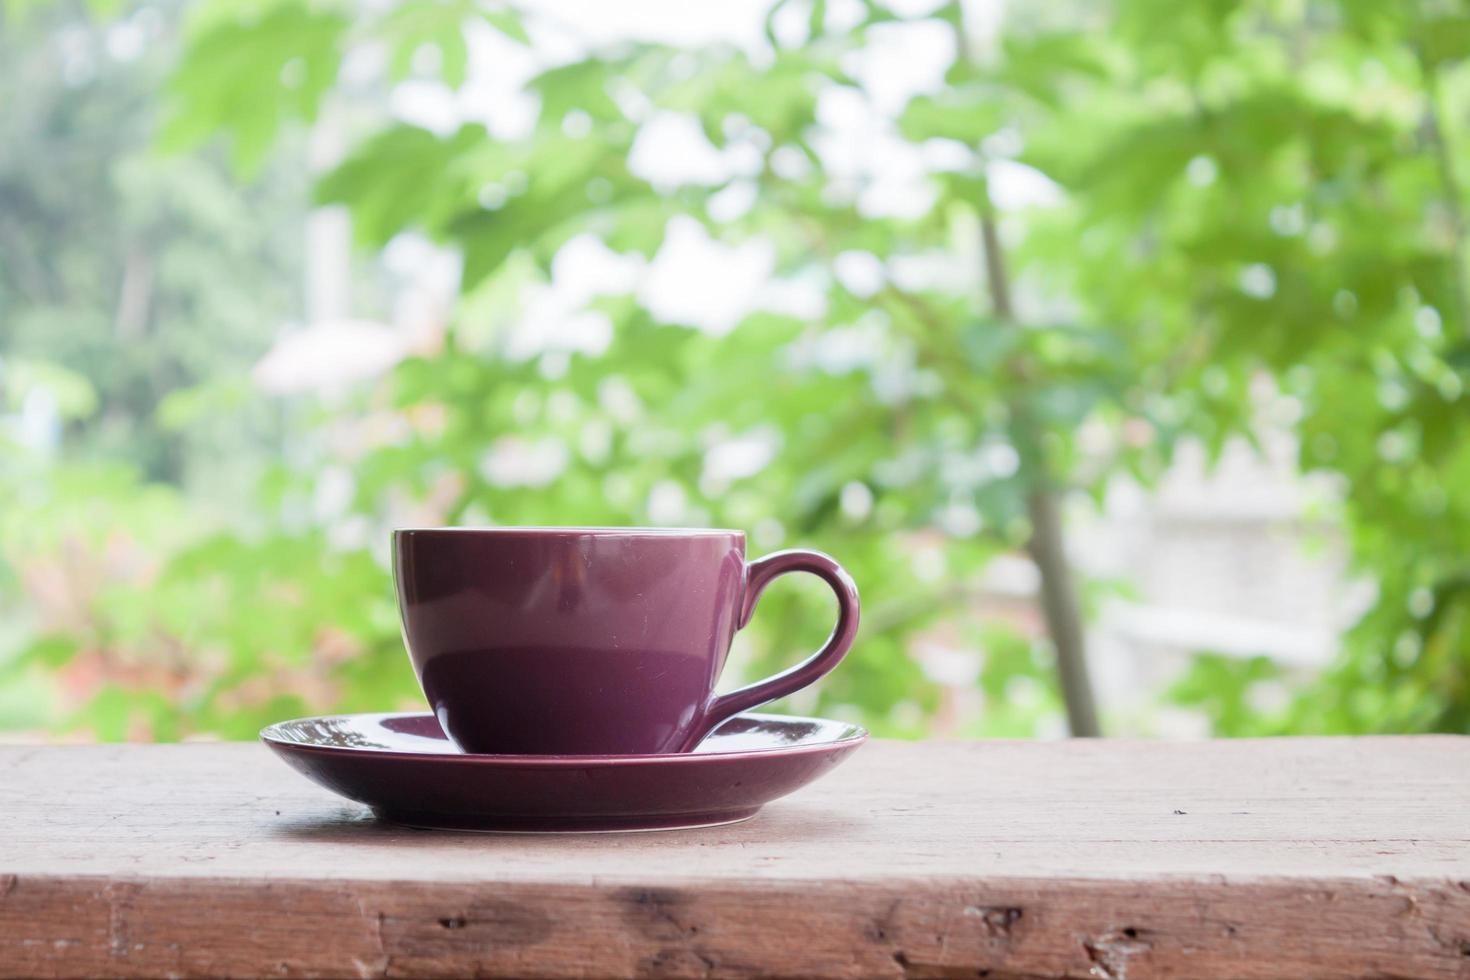 taza de café púrpura sobre una mesa foto